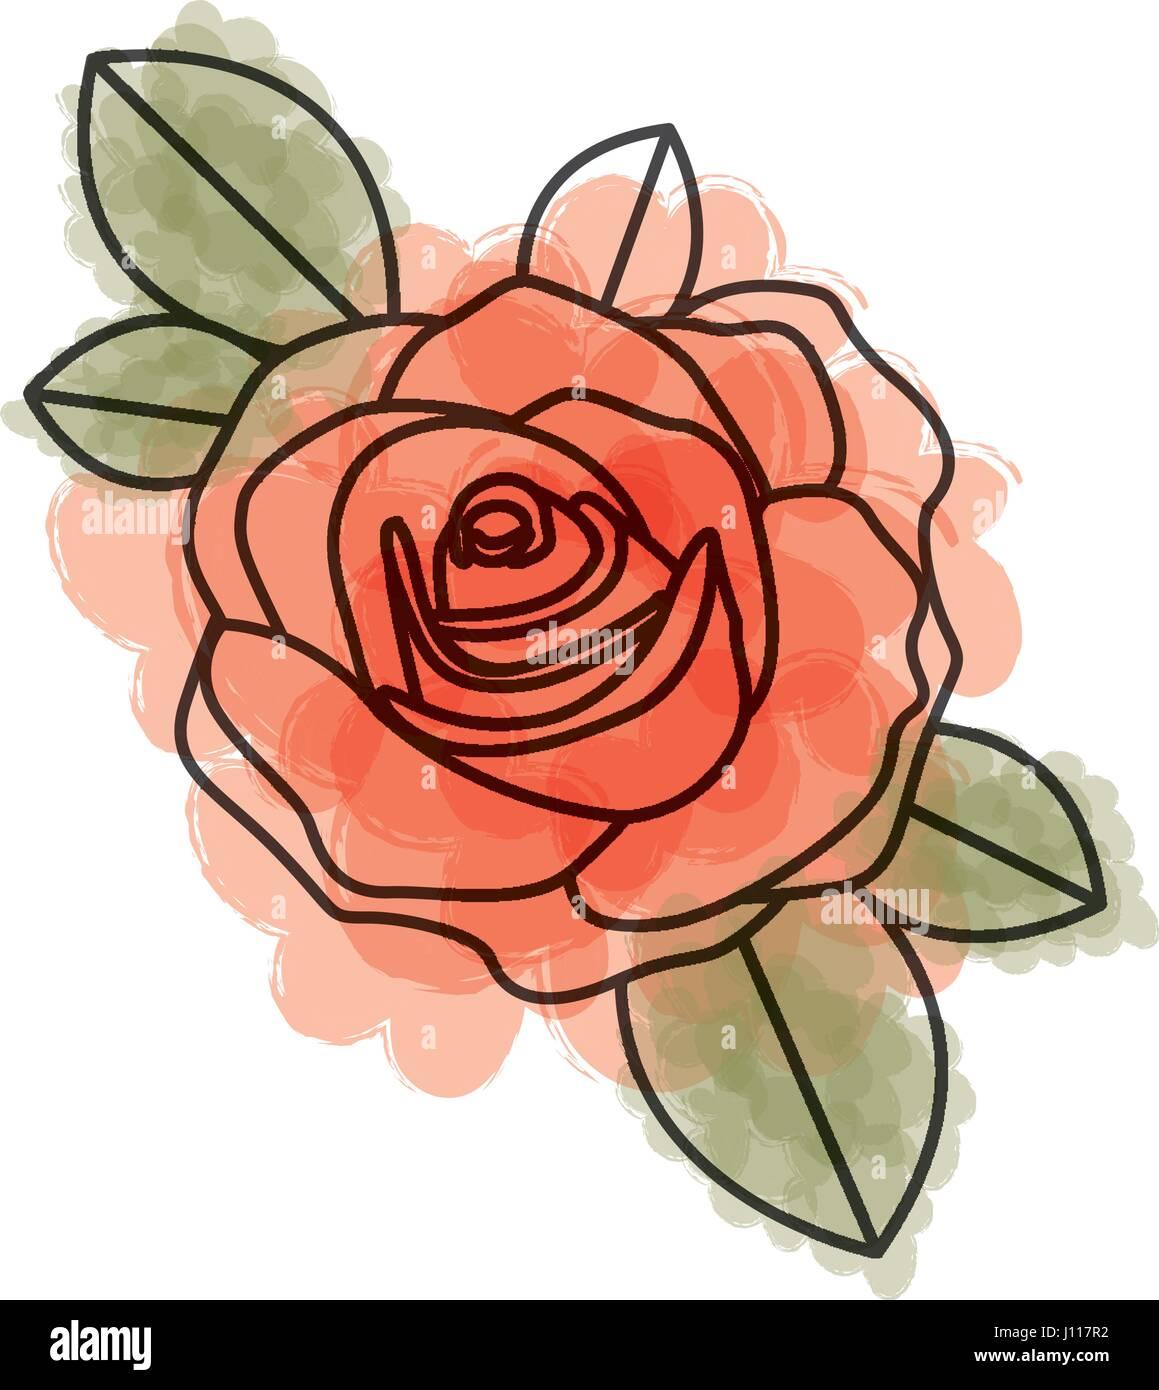 Aquarelle Dessin De Fleur Rose Rouge Avec Des Feuilles